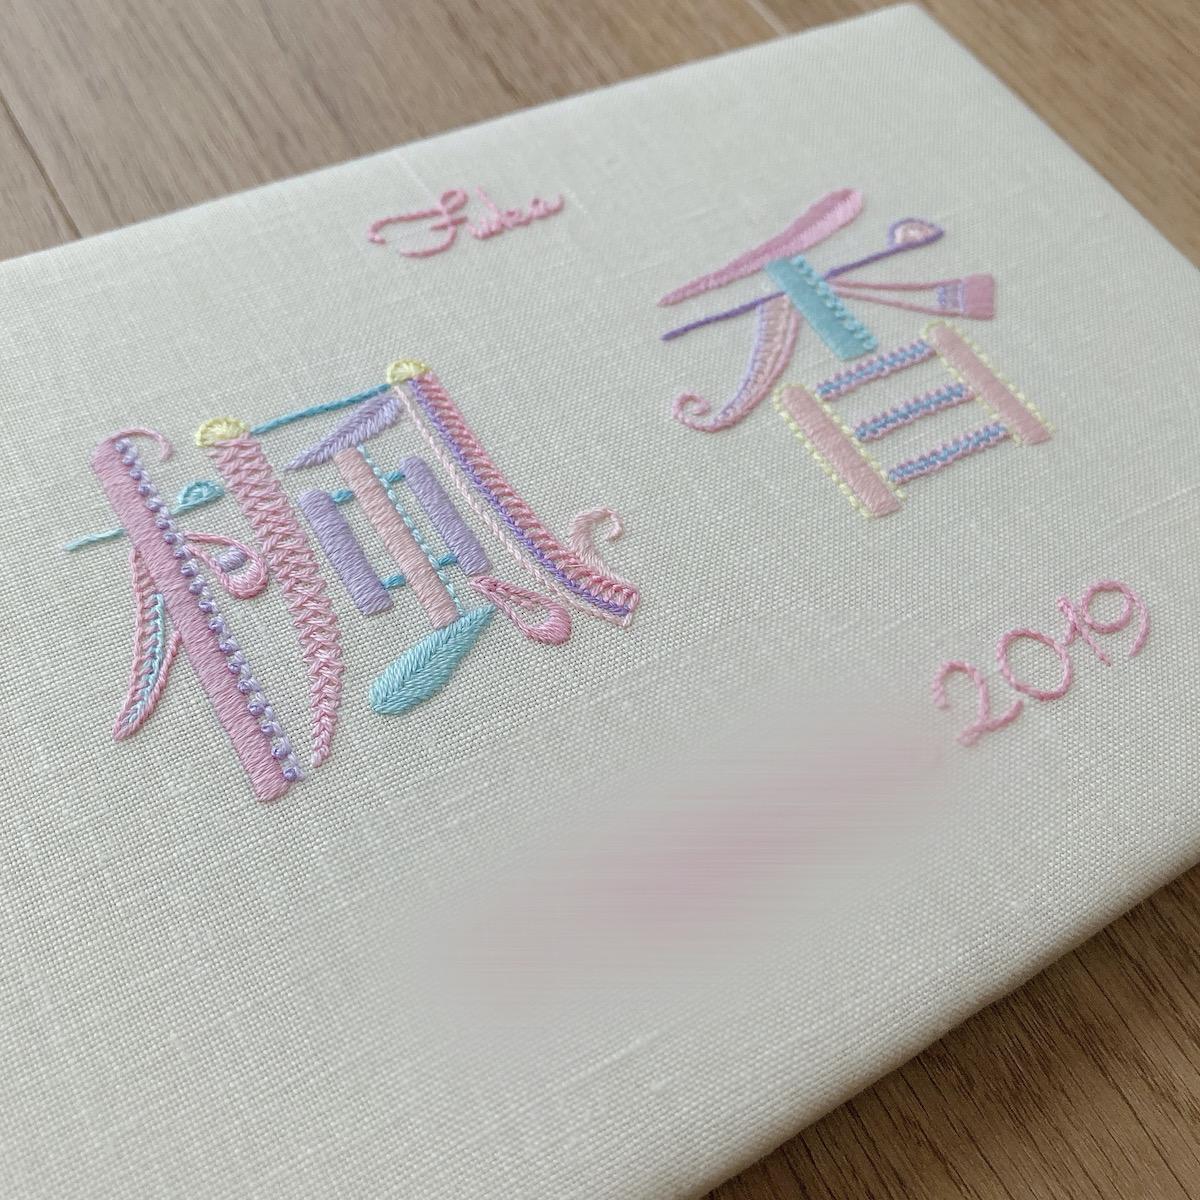 ゆめかわカラー刺繍命名書パネル